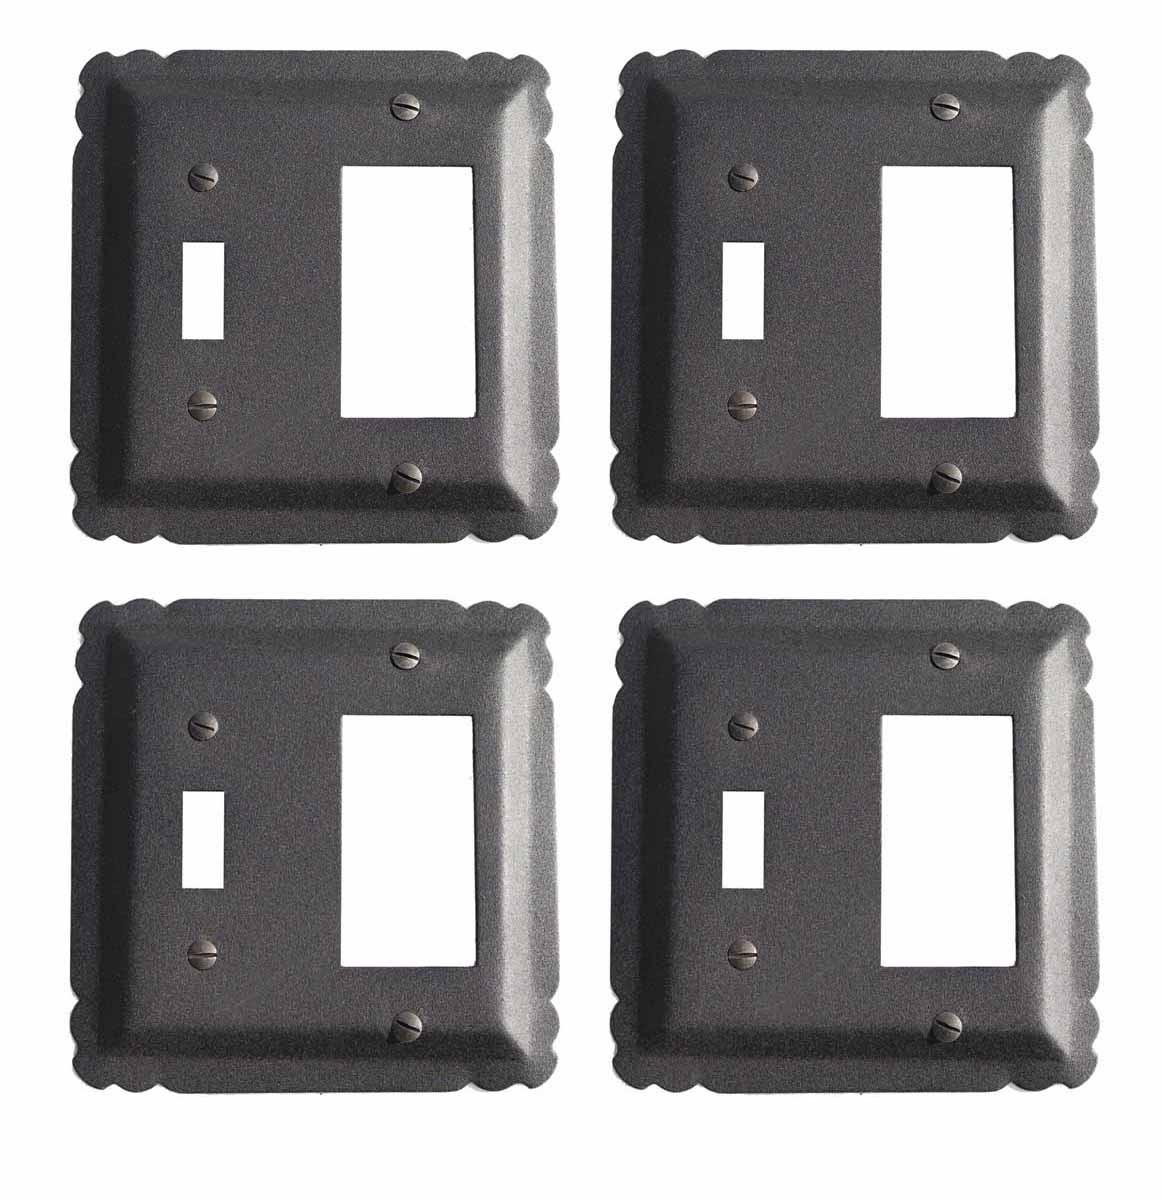 4 Switchplate Black Wrought Iron GFI/Toggle 5 1/4 | Renovators Supply